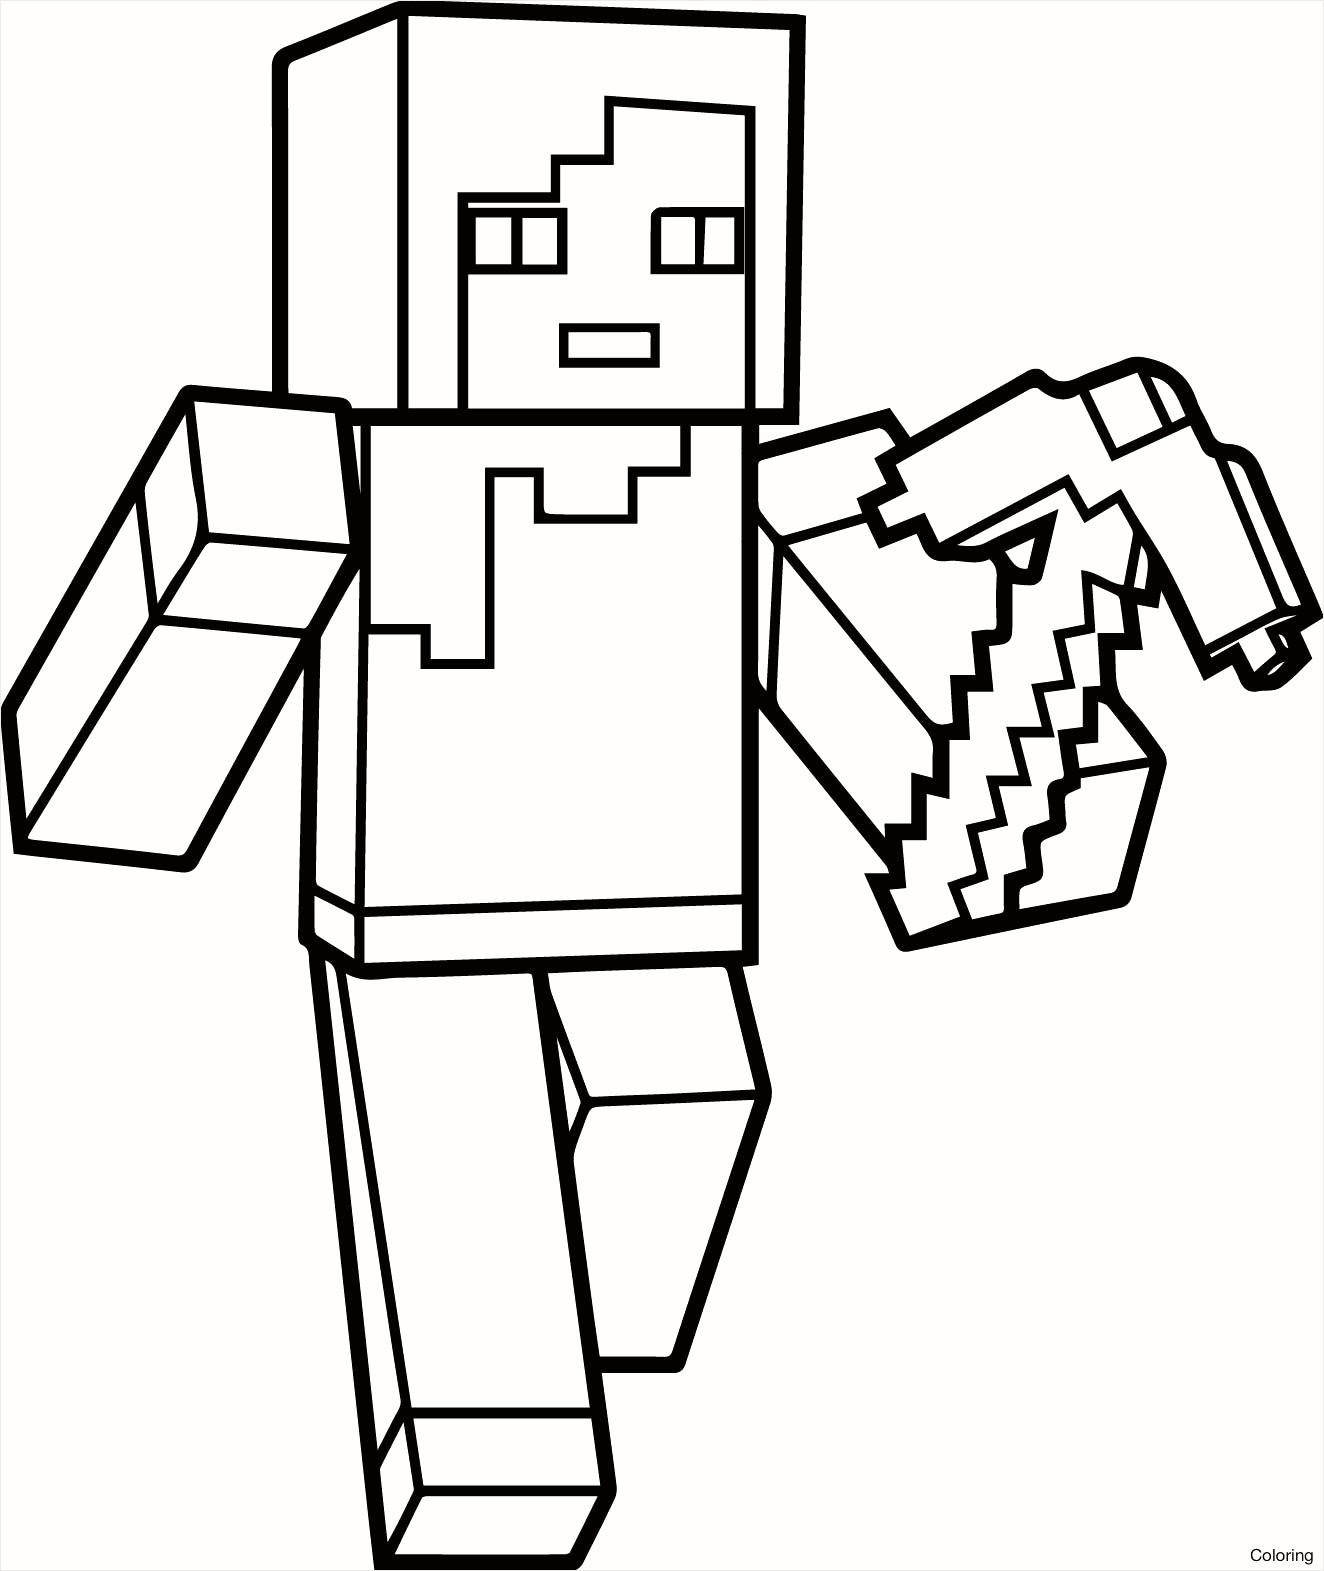 Ausmalbilder Von Minecraft Inspirierend Minecraft Ausmalbilder Skins Uploadertalk Neu Ausmalbilder Minecraft Fotos